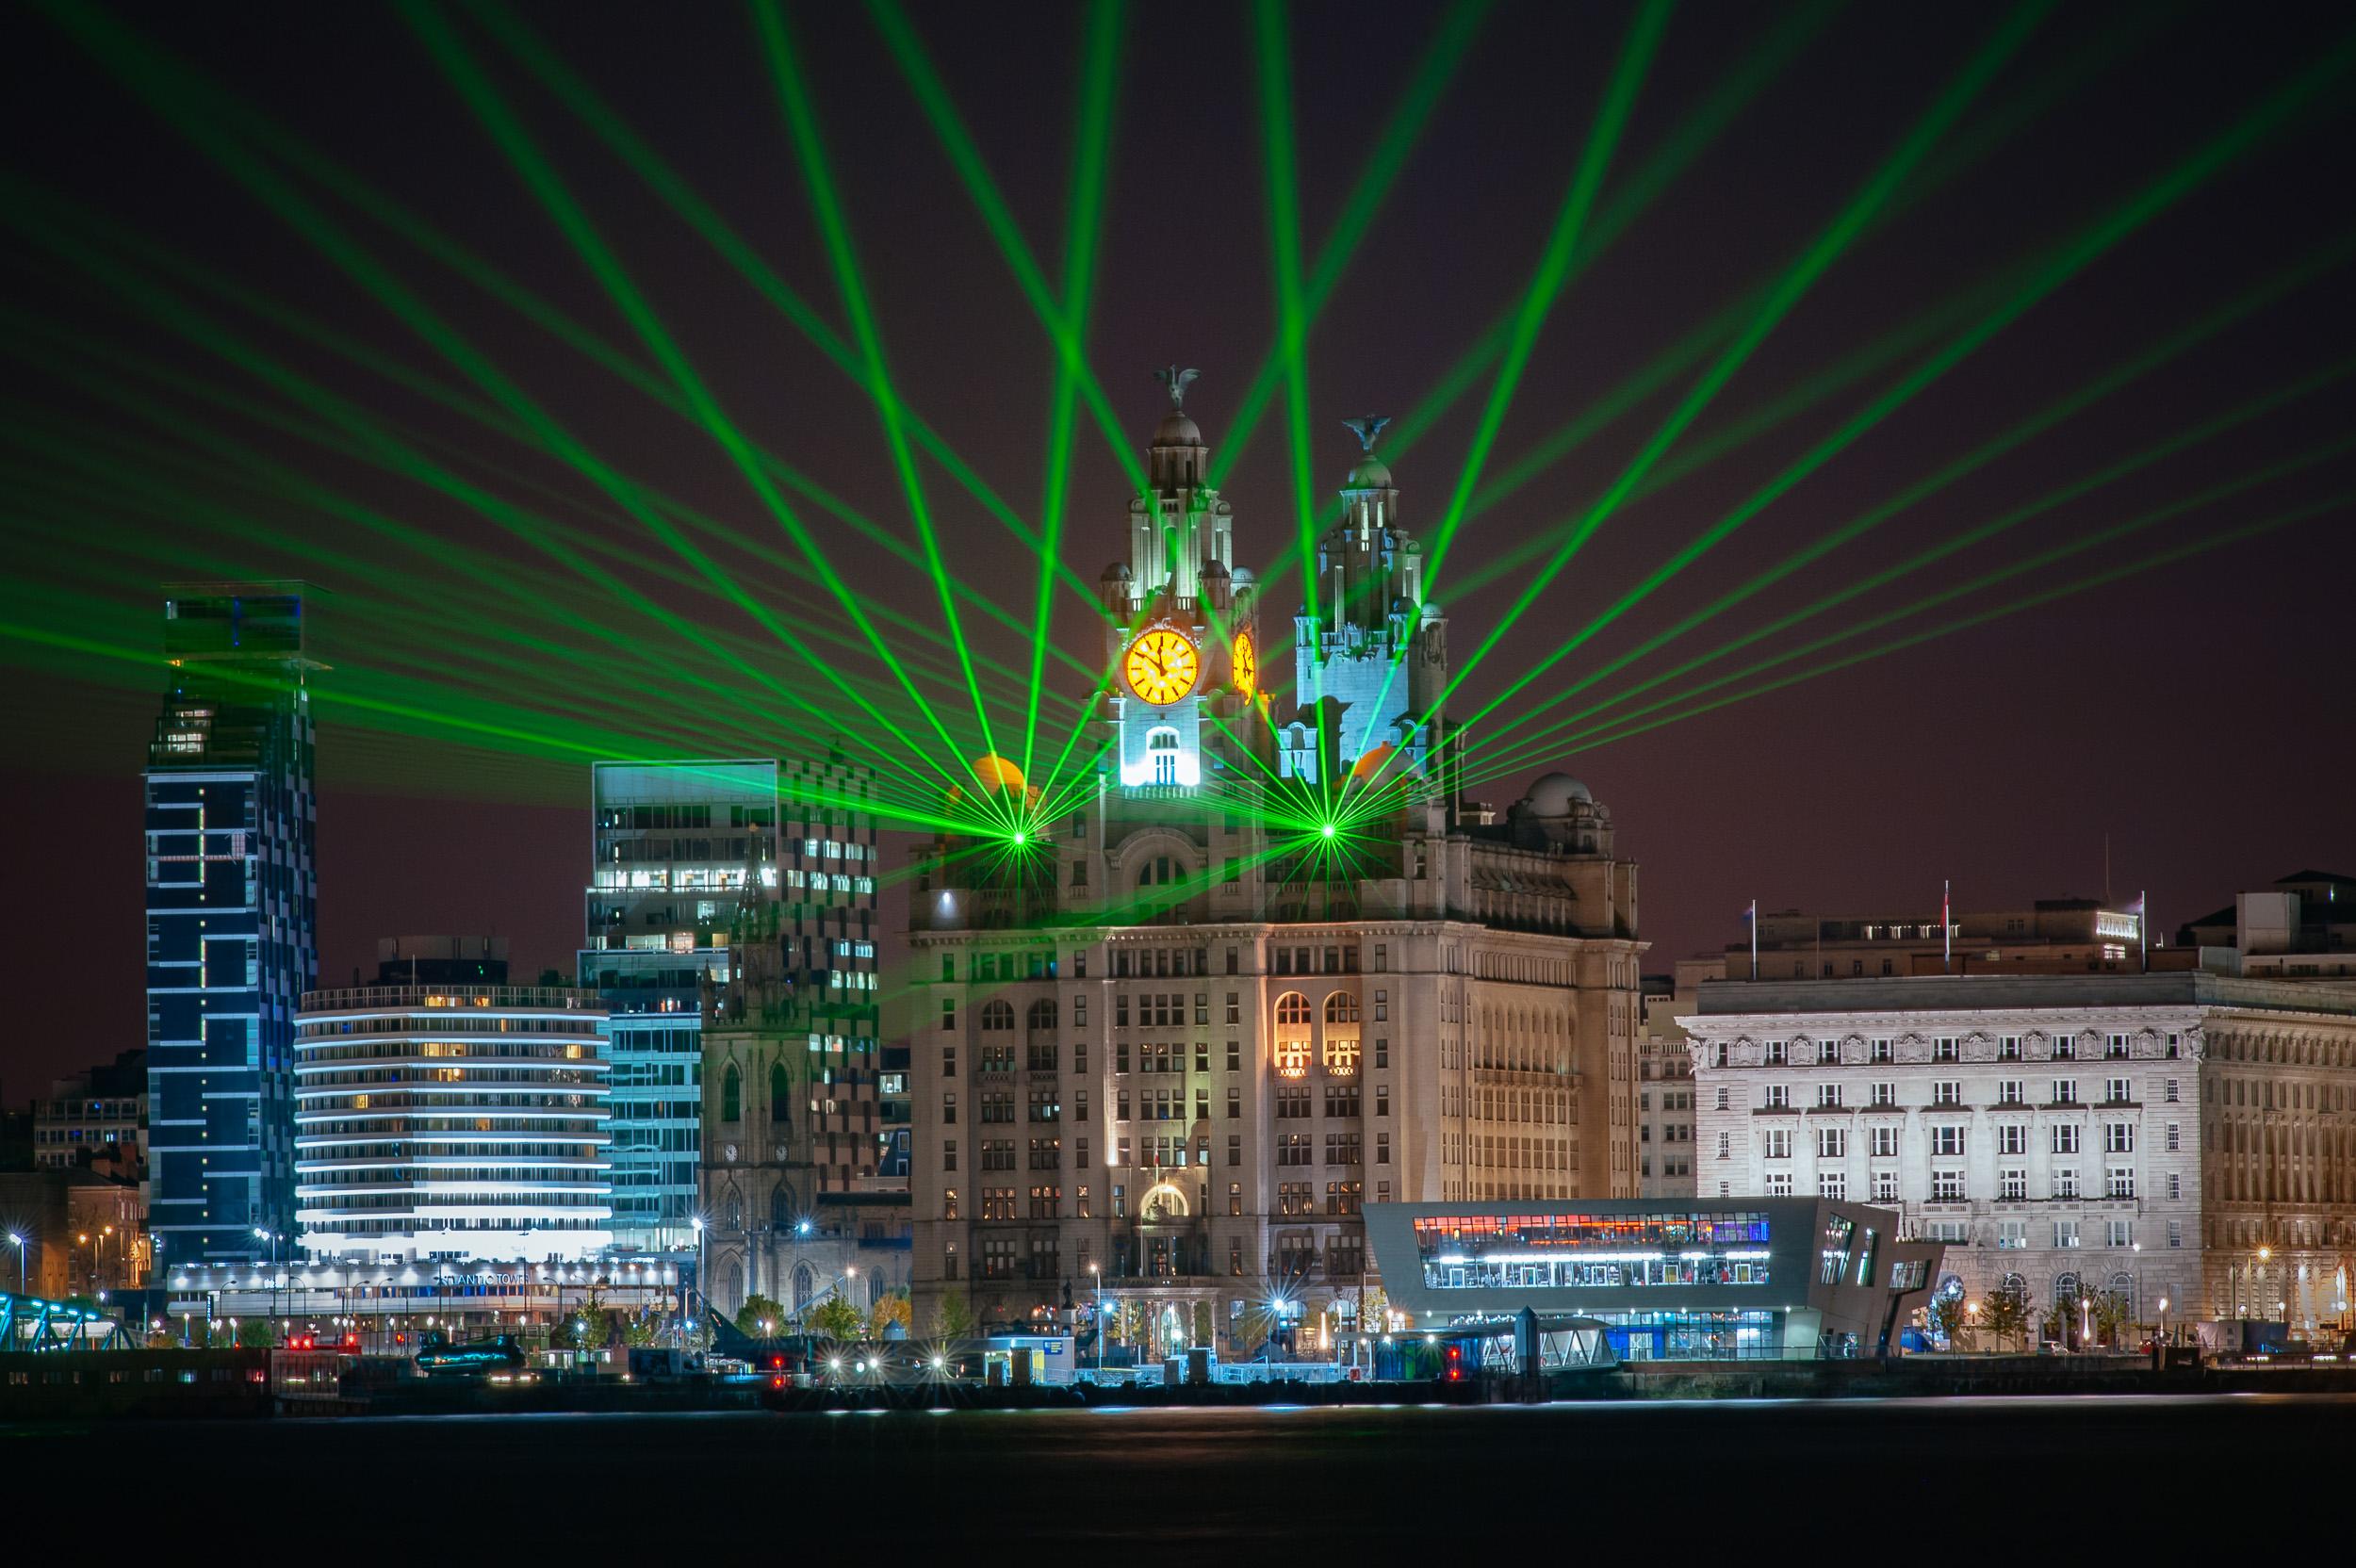 Laser Lightshow at the Liver Building